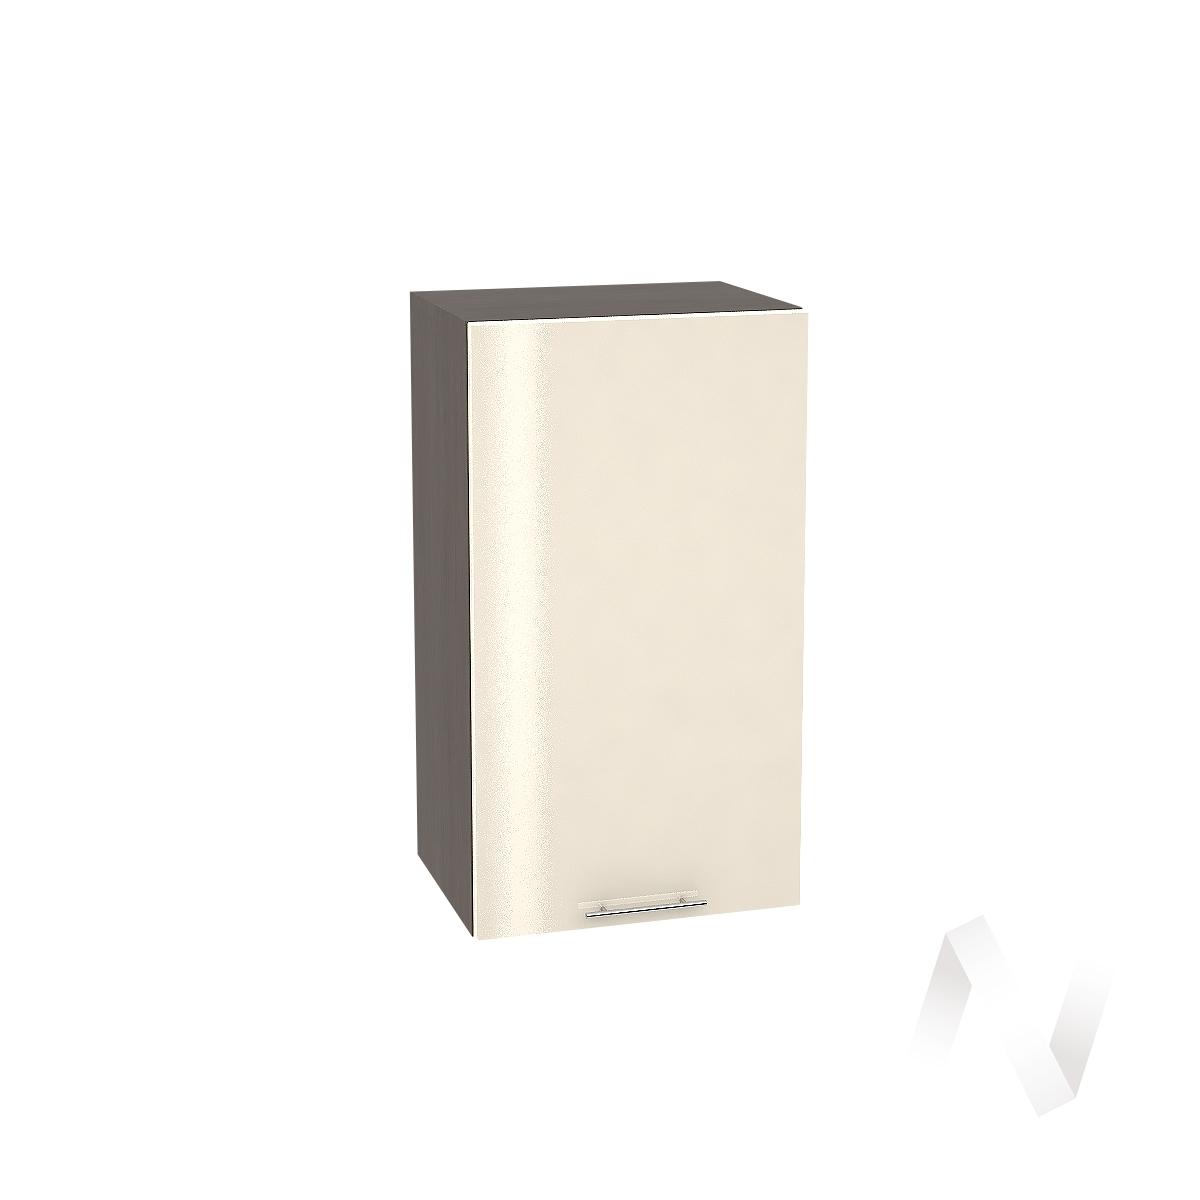 """Кухня """"Валерия-М"""": Шкаф верхний 400, ШВ 400 (Ваниль глянец/корпус венге)"""